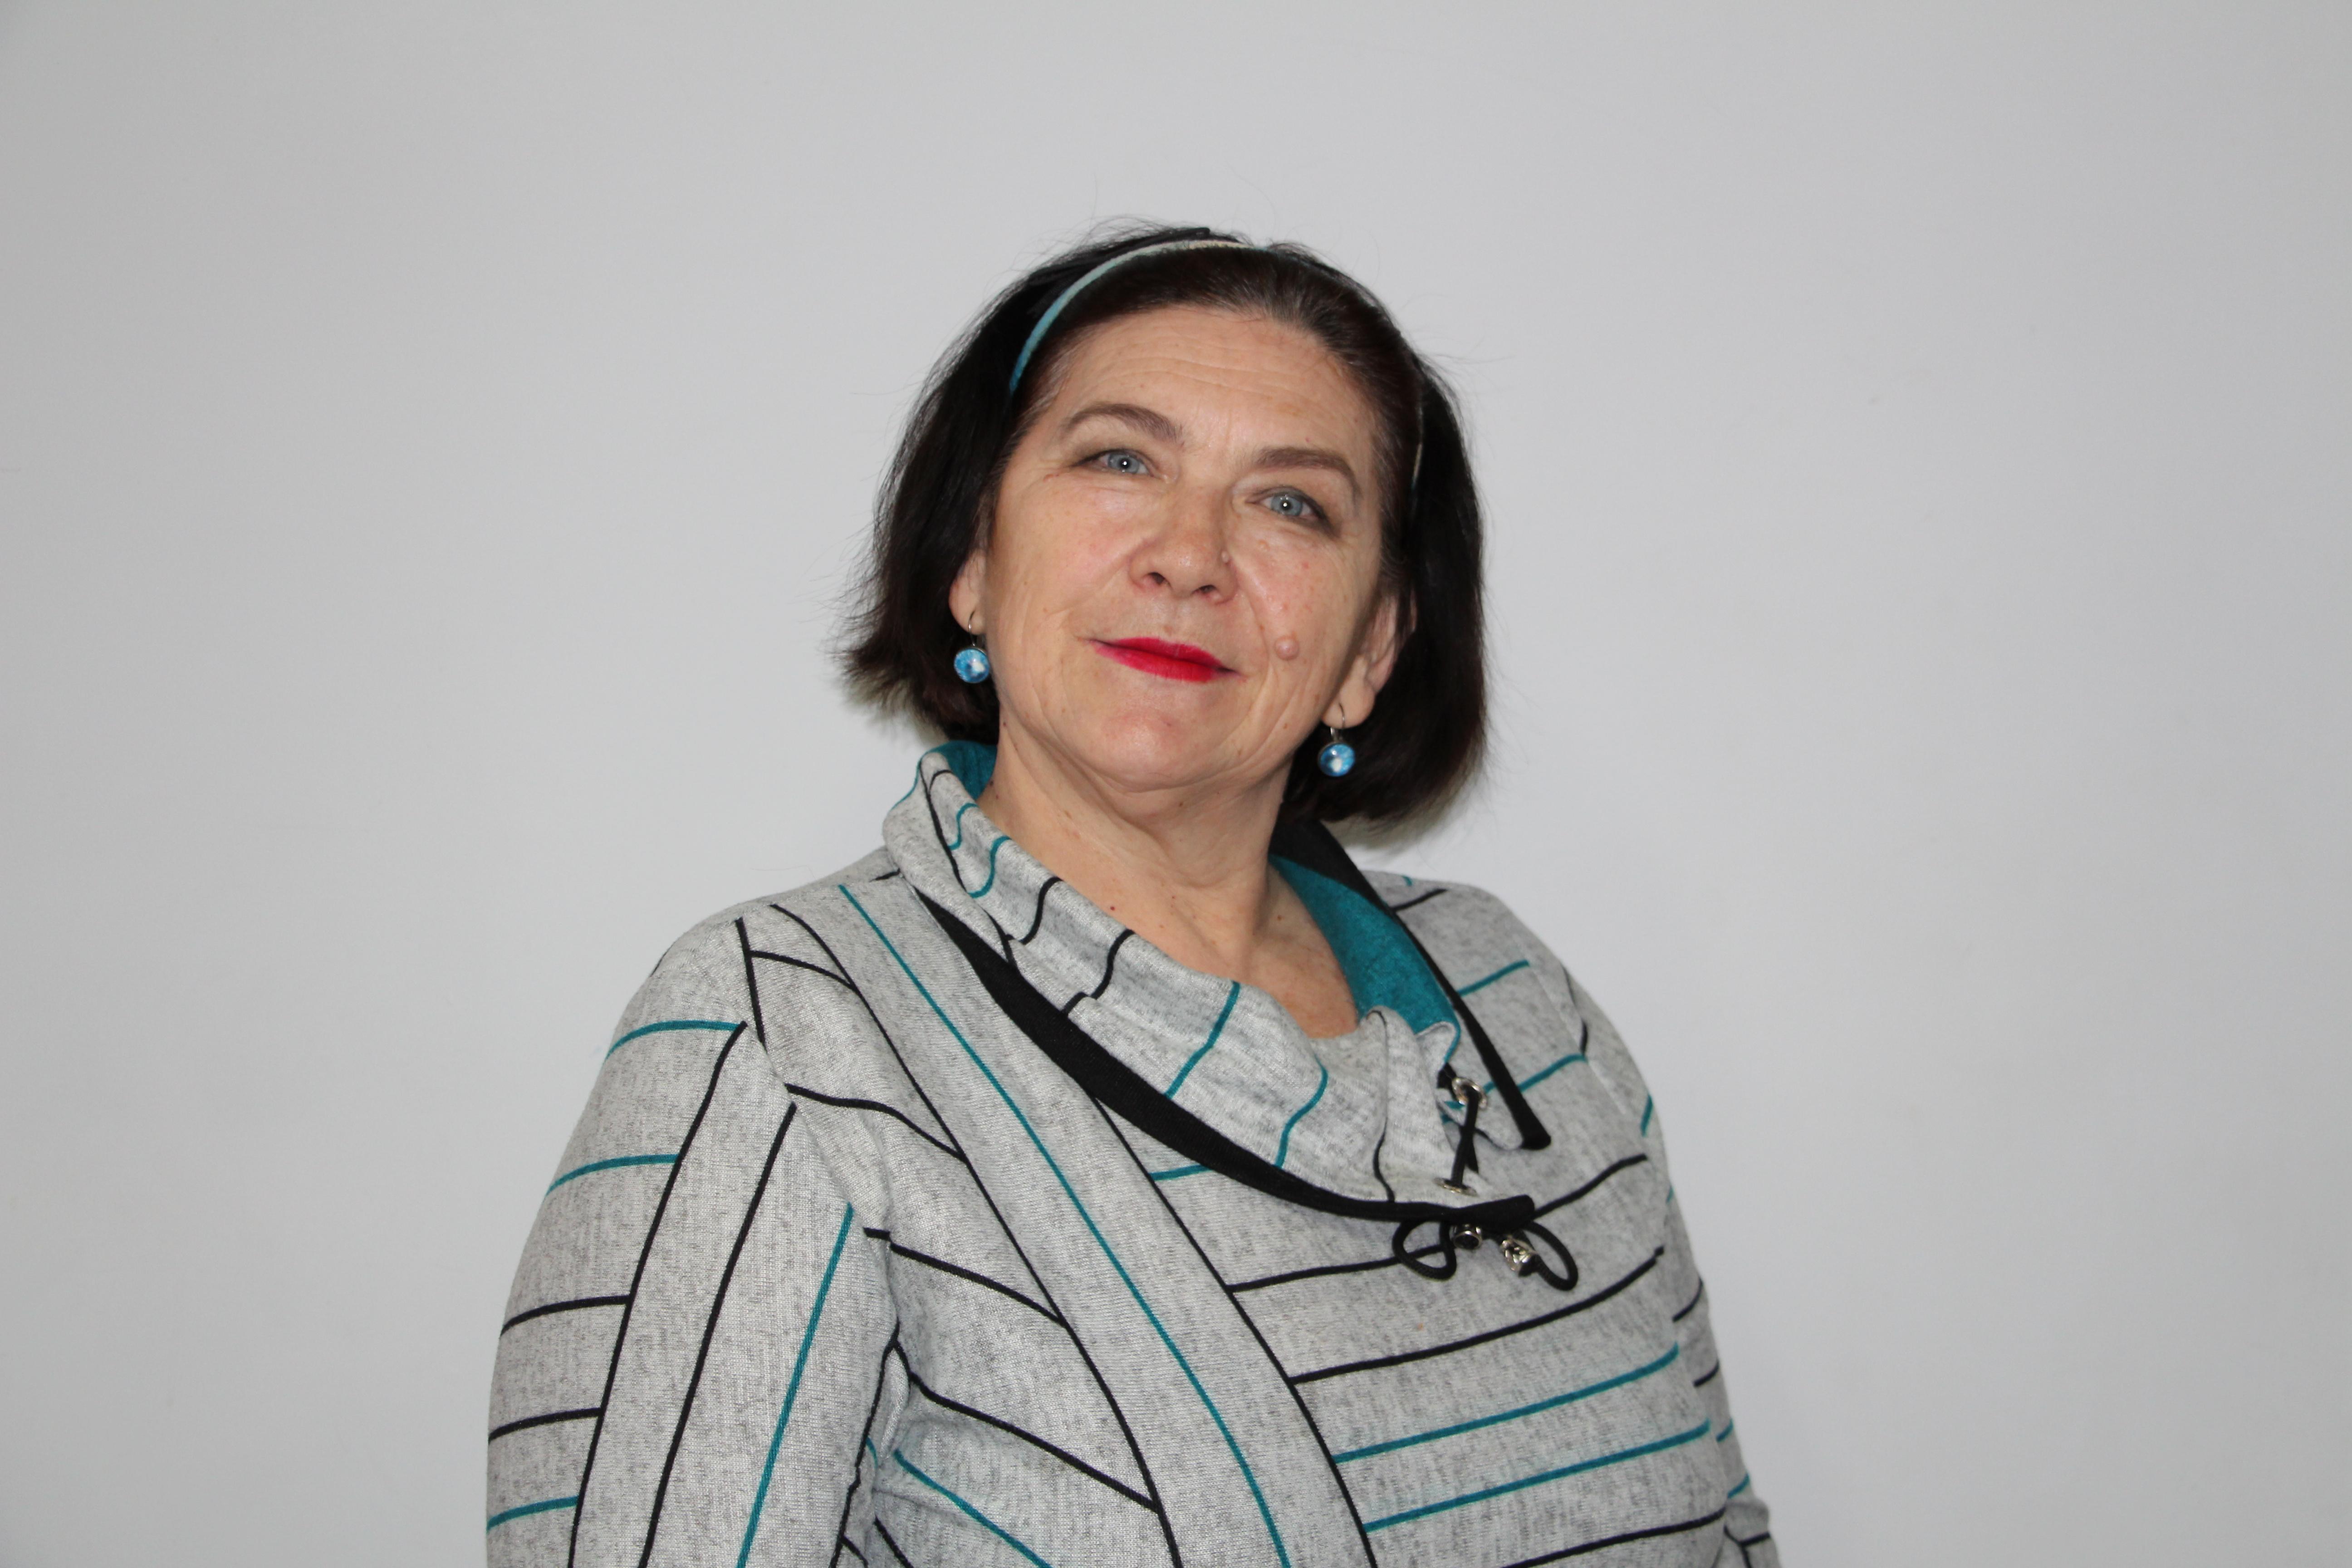 Таскиря Азизова отмечает юбилей